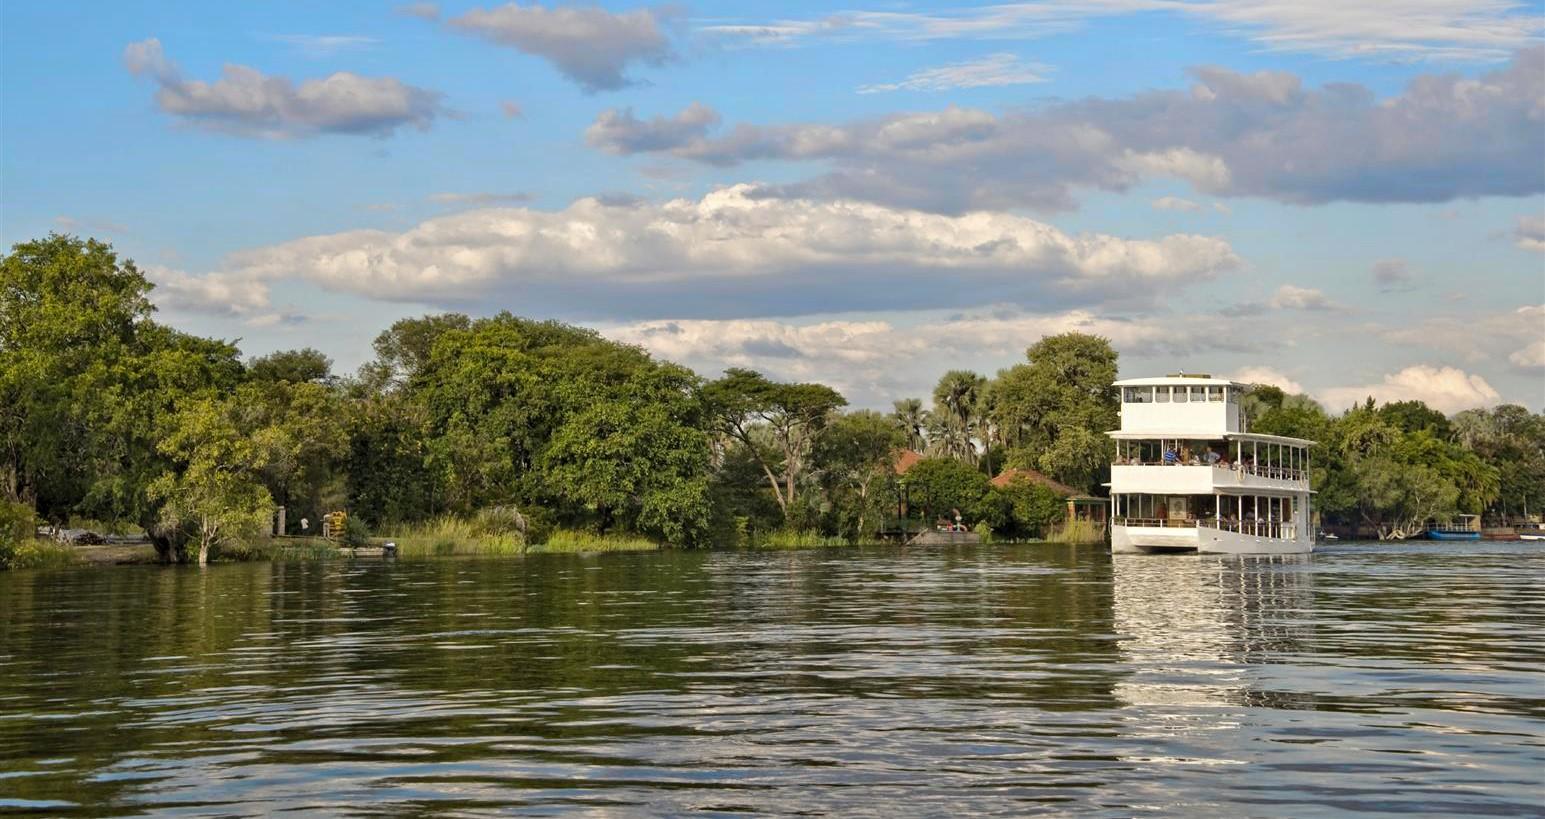 boat-cruise-zambezi-river-zambia.jpg